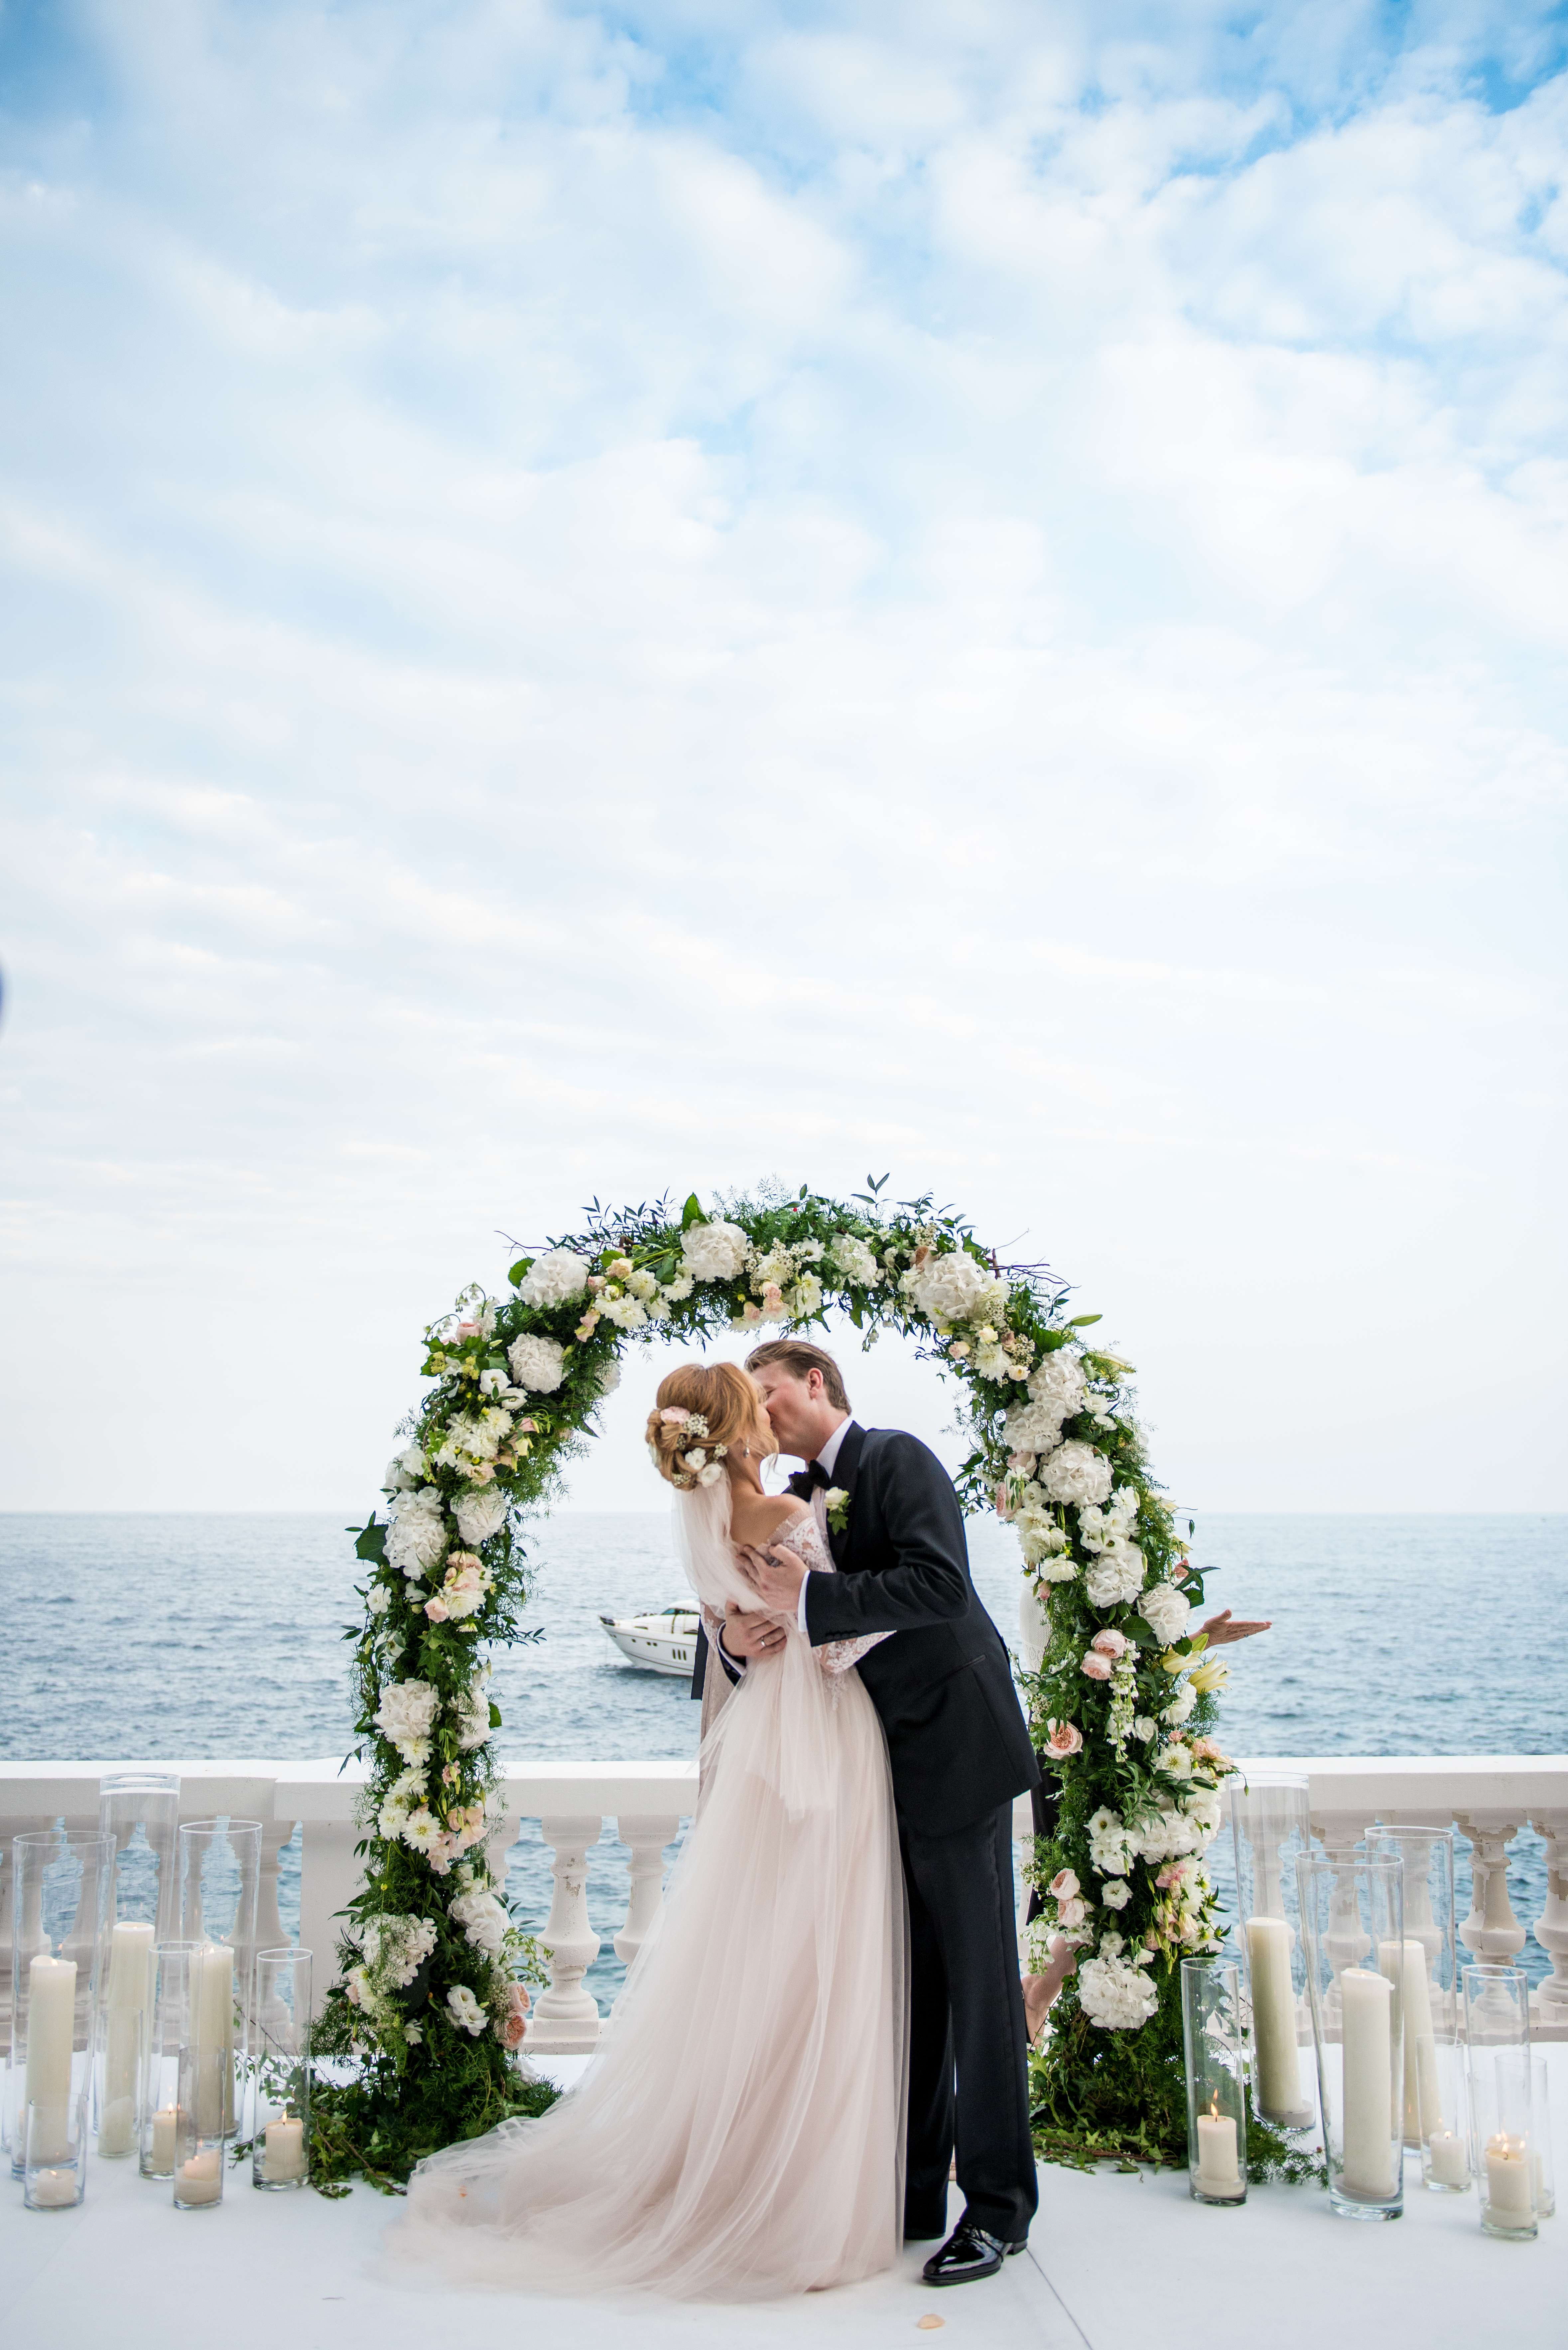 NV-Cap-Estel-Mariage-Wedding-048